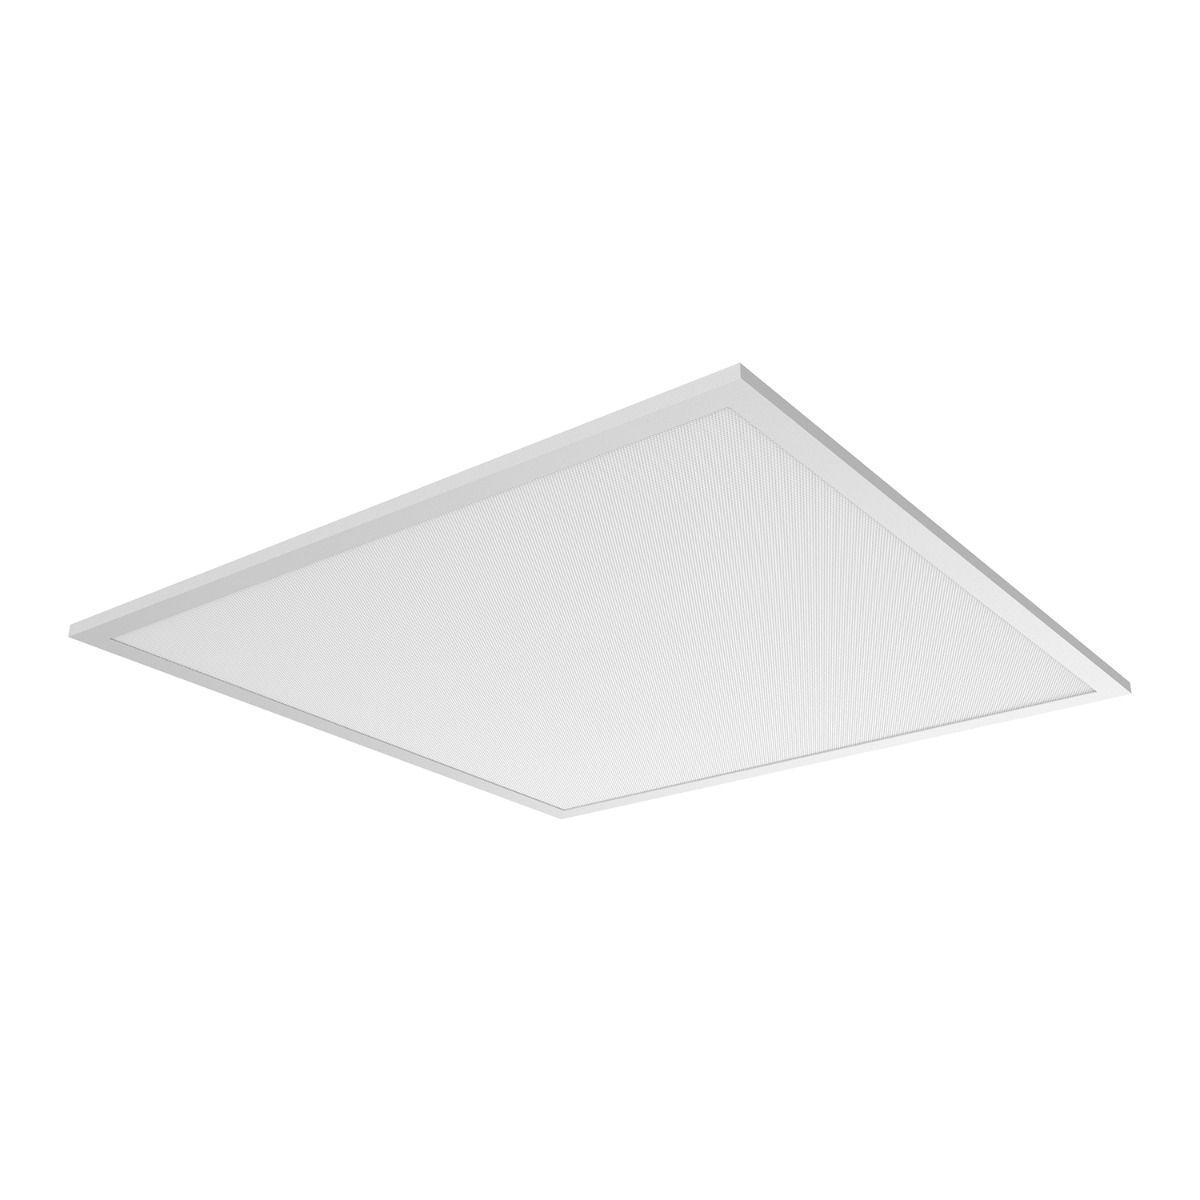 Noxion LED Panel Delta Pro V3 DALI 30W 4000K 4070lm 60x60cm UGR <19 | Kallvit - Ersättare 4x18W